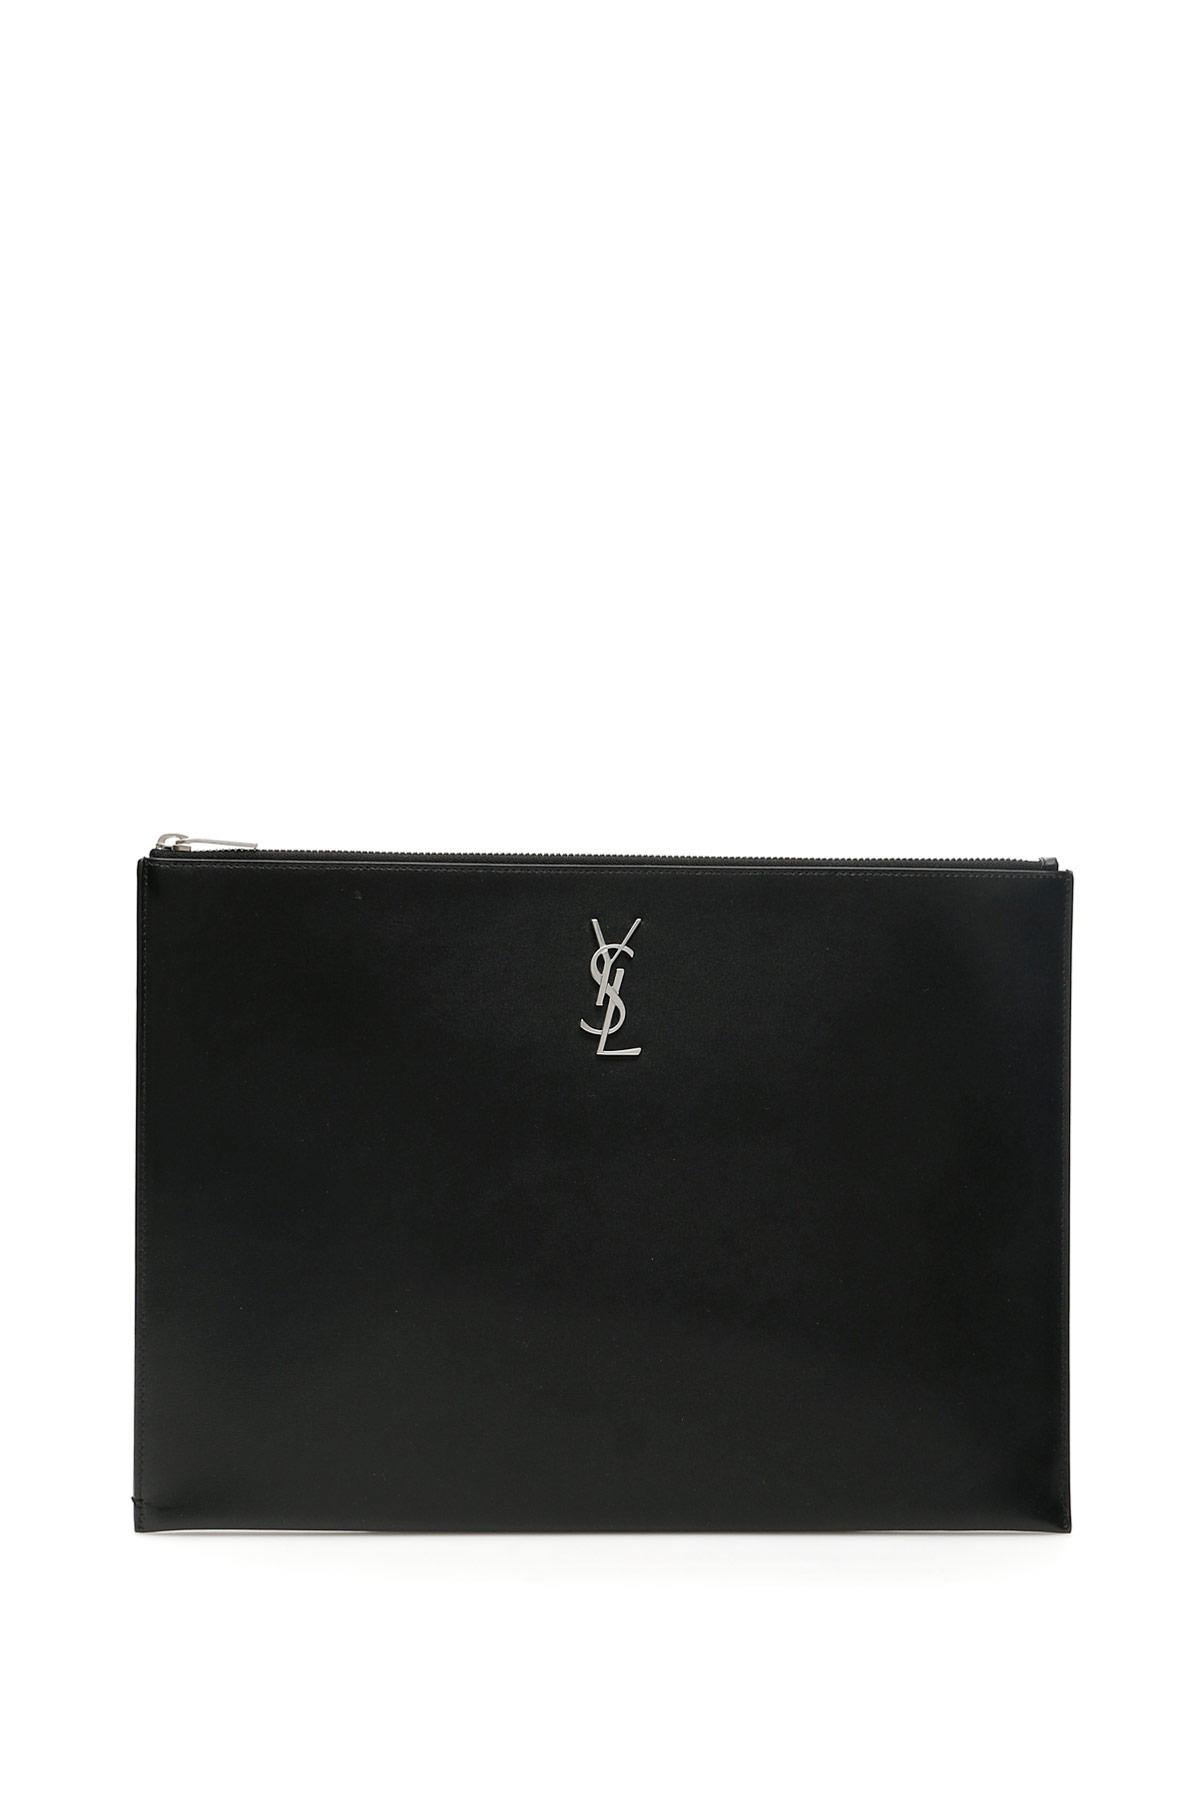 SAINT LAURENT MONOGRAM CLUTCH OS Black Leather